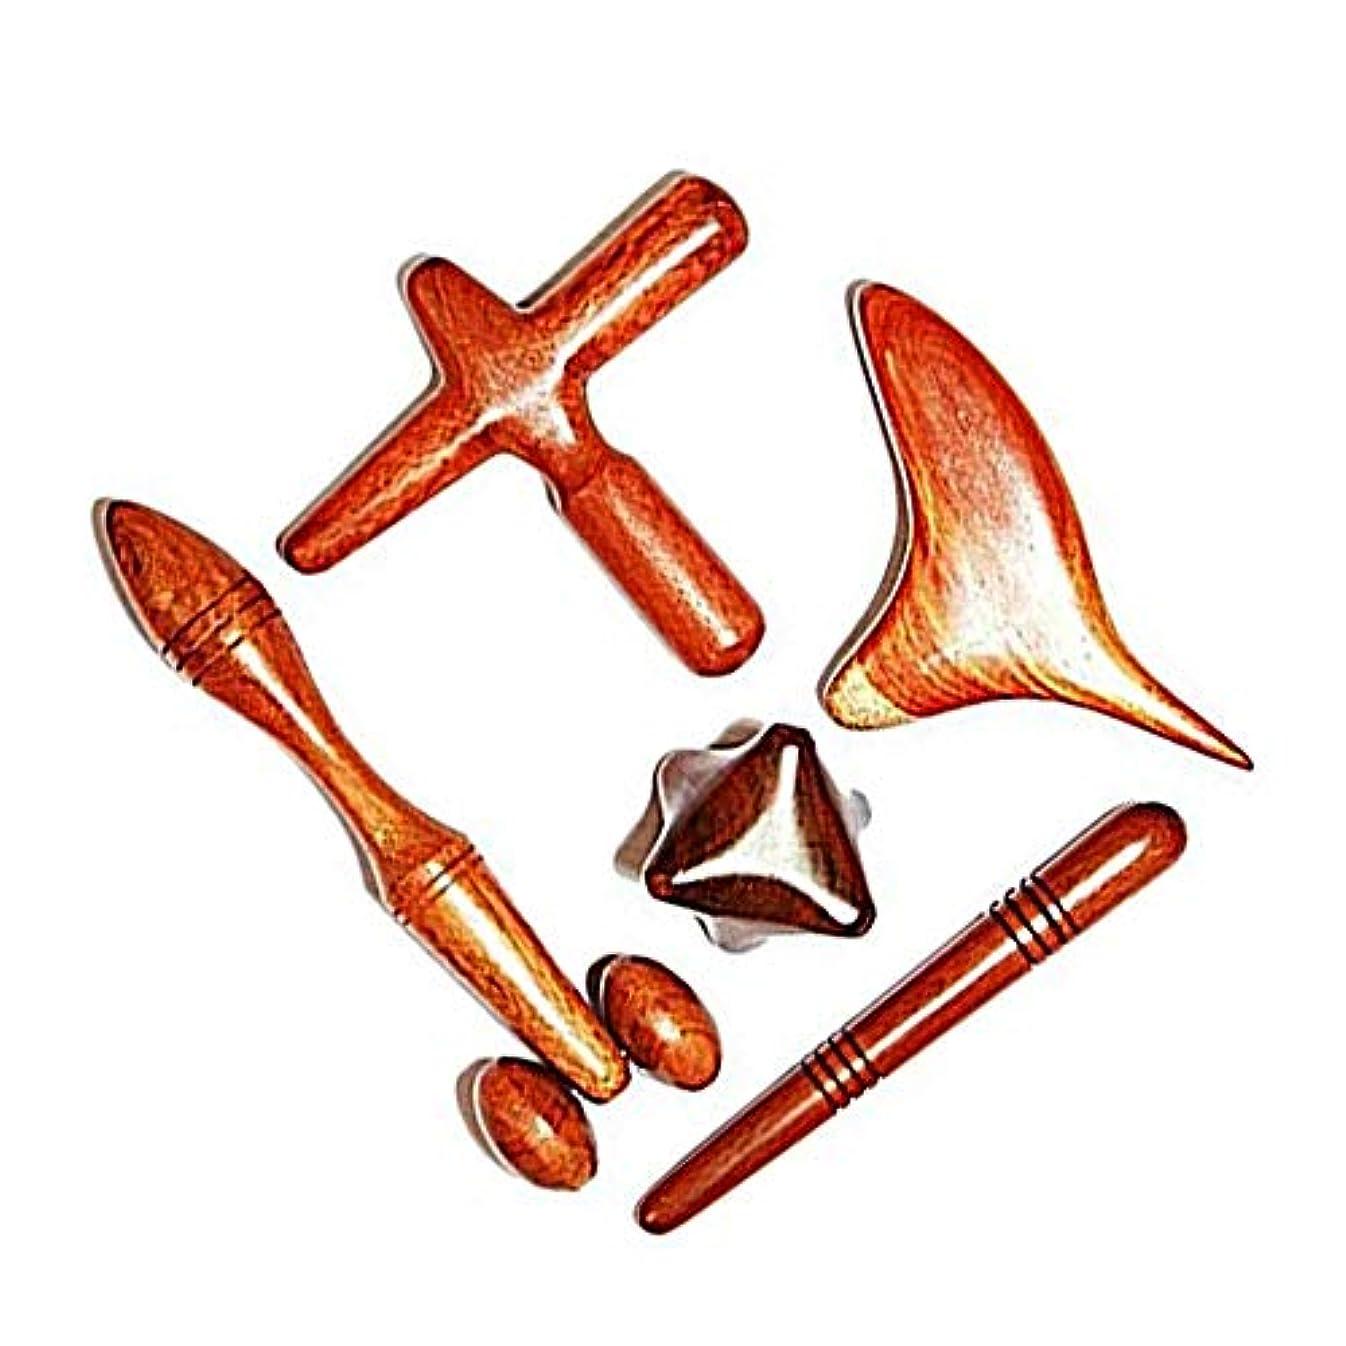 反逆改修する支払いマッサージ木製スティック マッサージャー ローズウッド ツボ押し棒 マッサージャー 5点セット